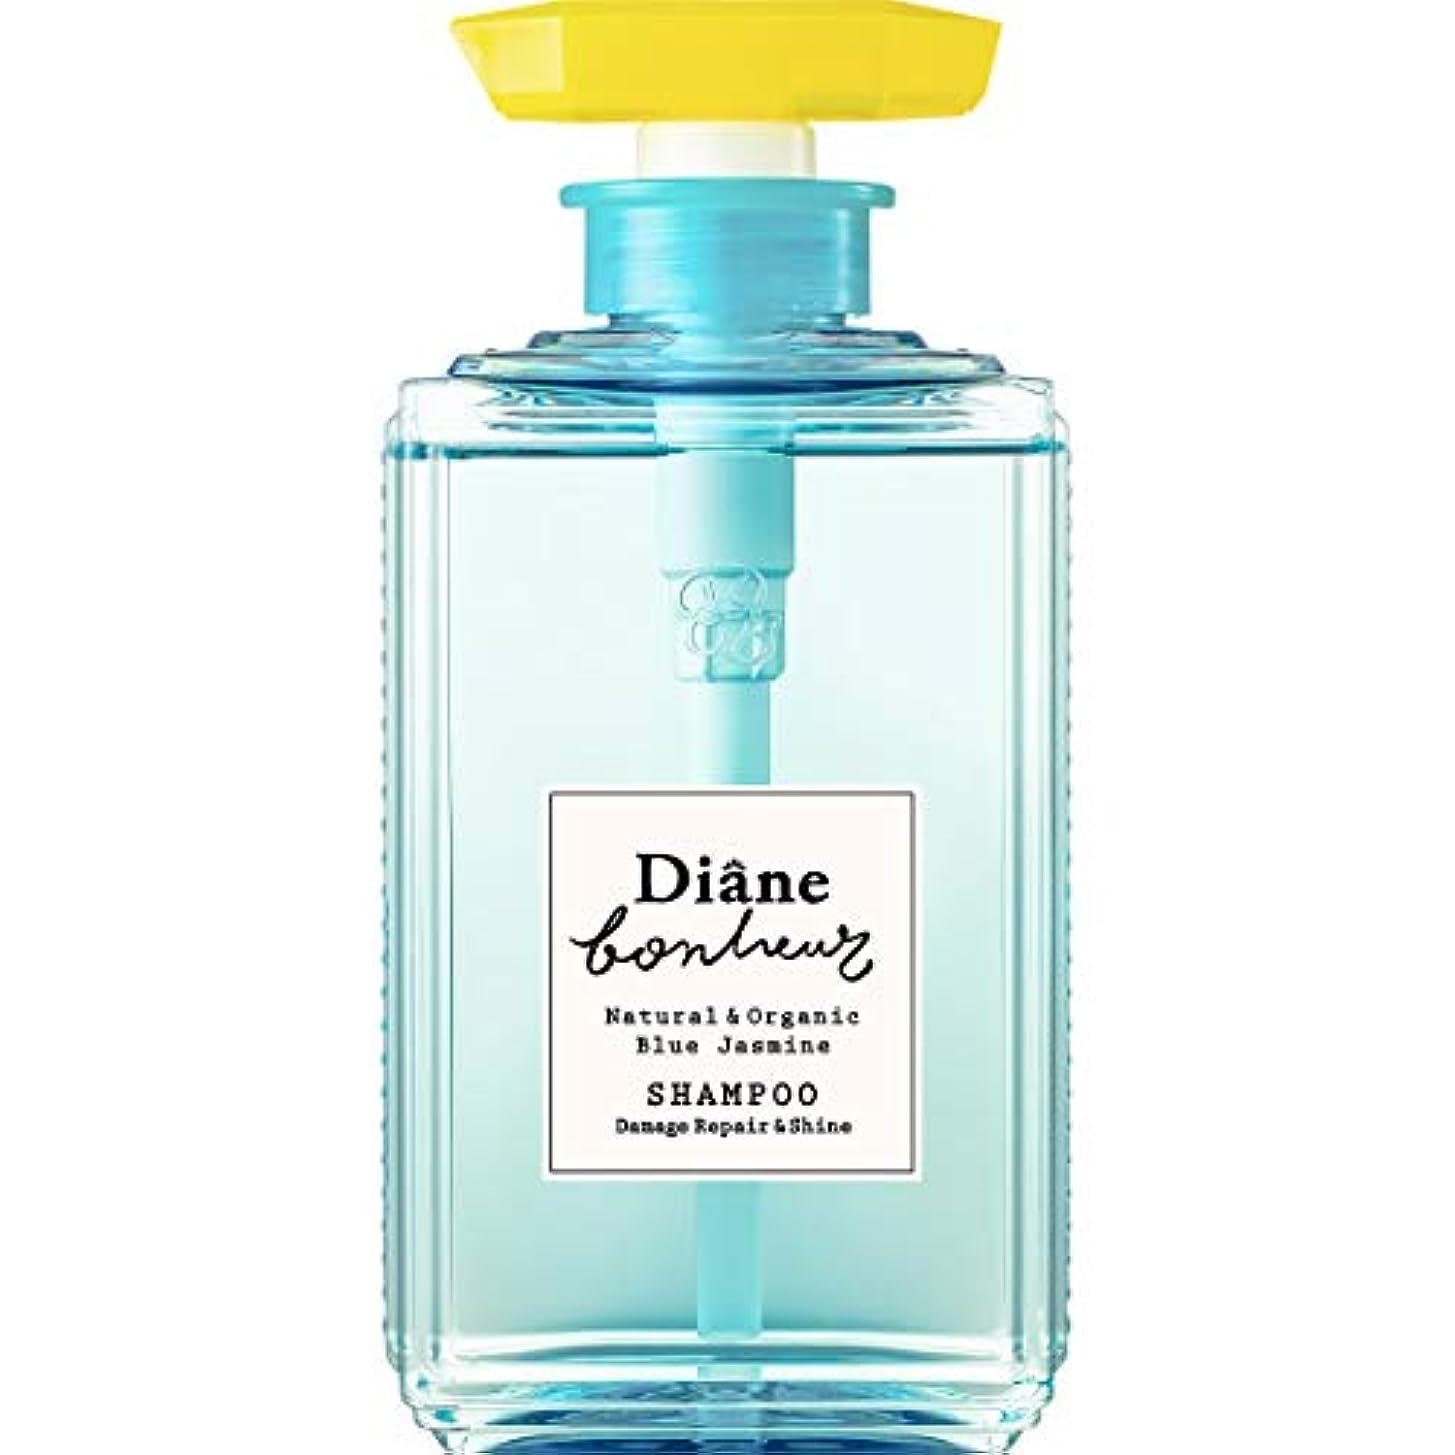 リレー自分を引き上げる金額ダイアン ボヌール シャンプー ブルージャスミンの香り ダメージリペア&シャイン 500ml